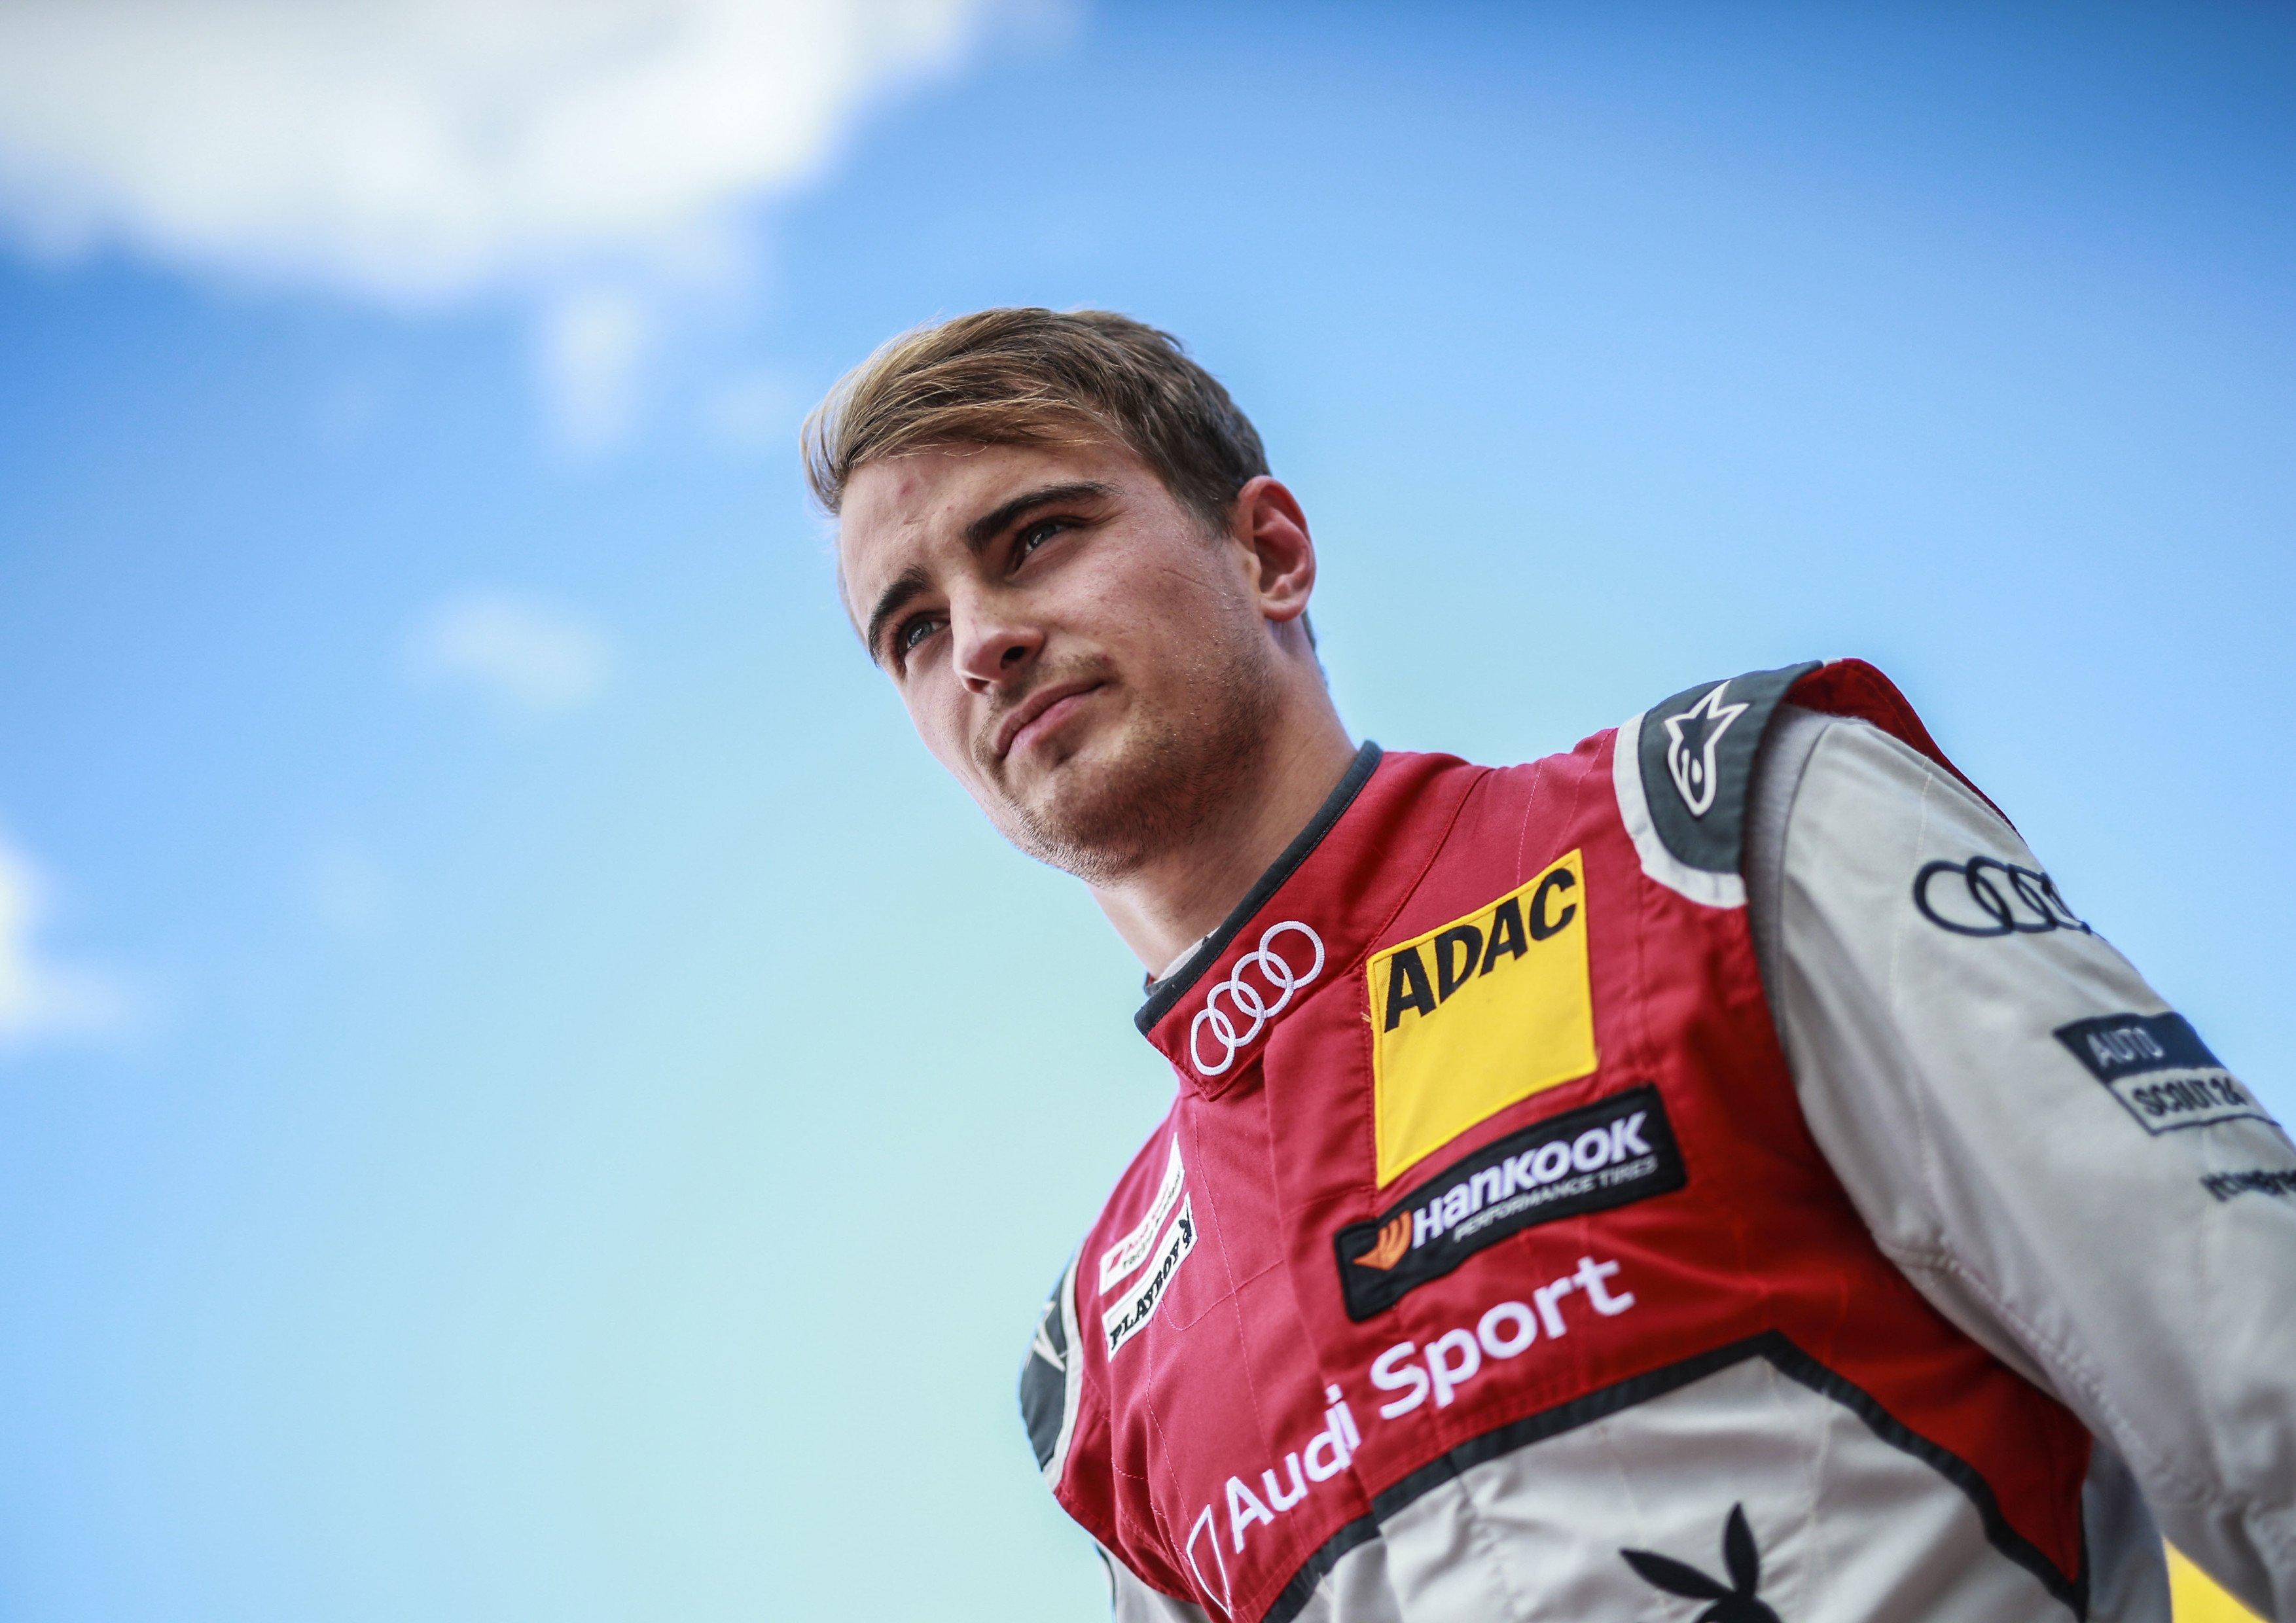 Нико Мюллер установил новый рекорд круга на трассе в Марракеше в рамках тестов новичков «Формулы-Е»